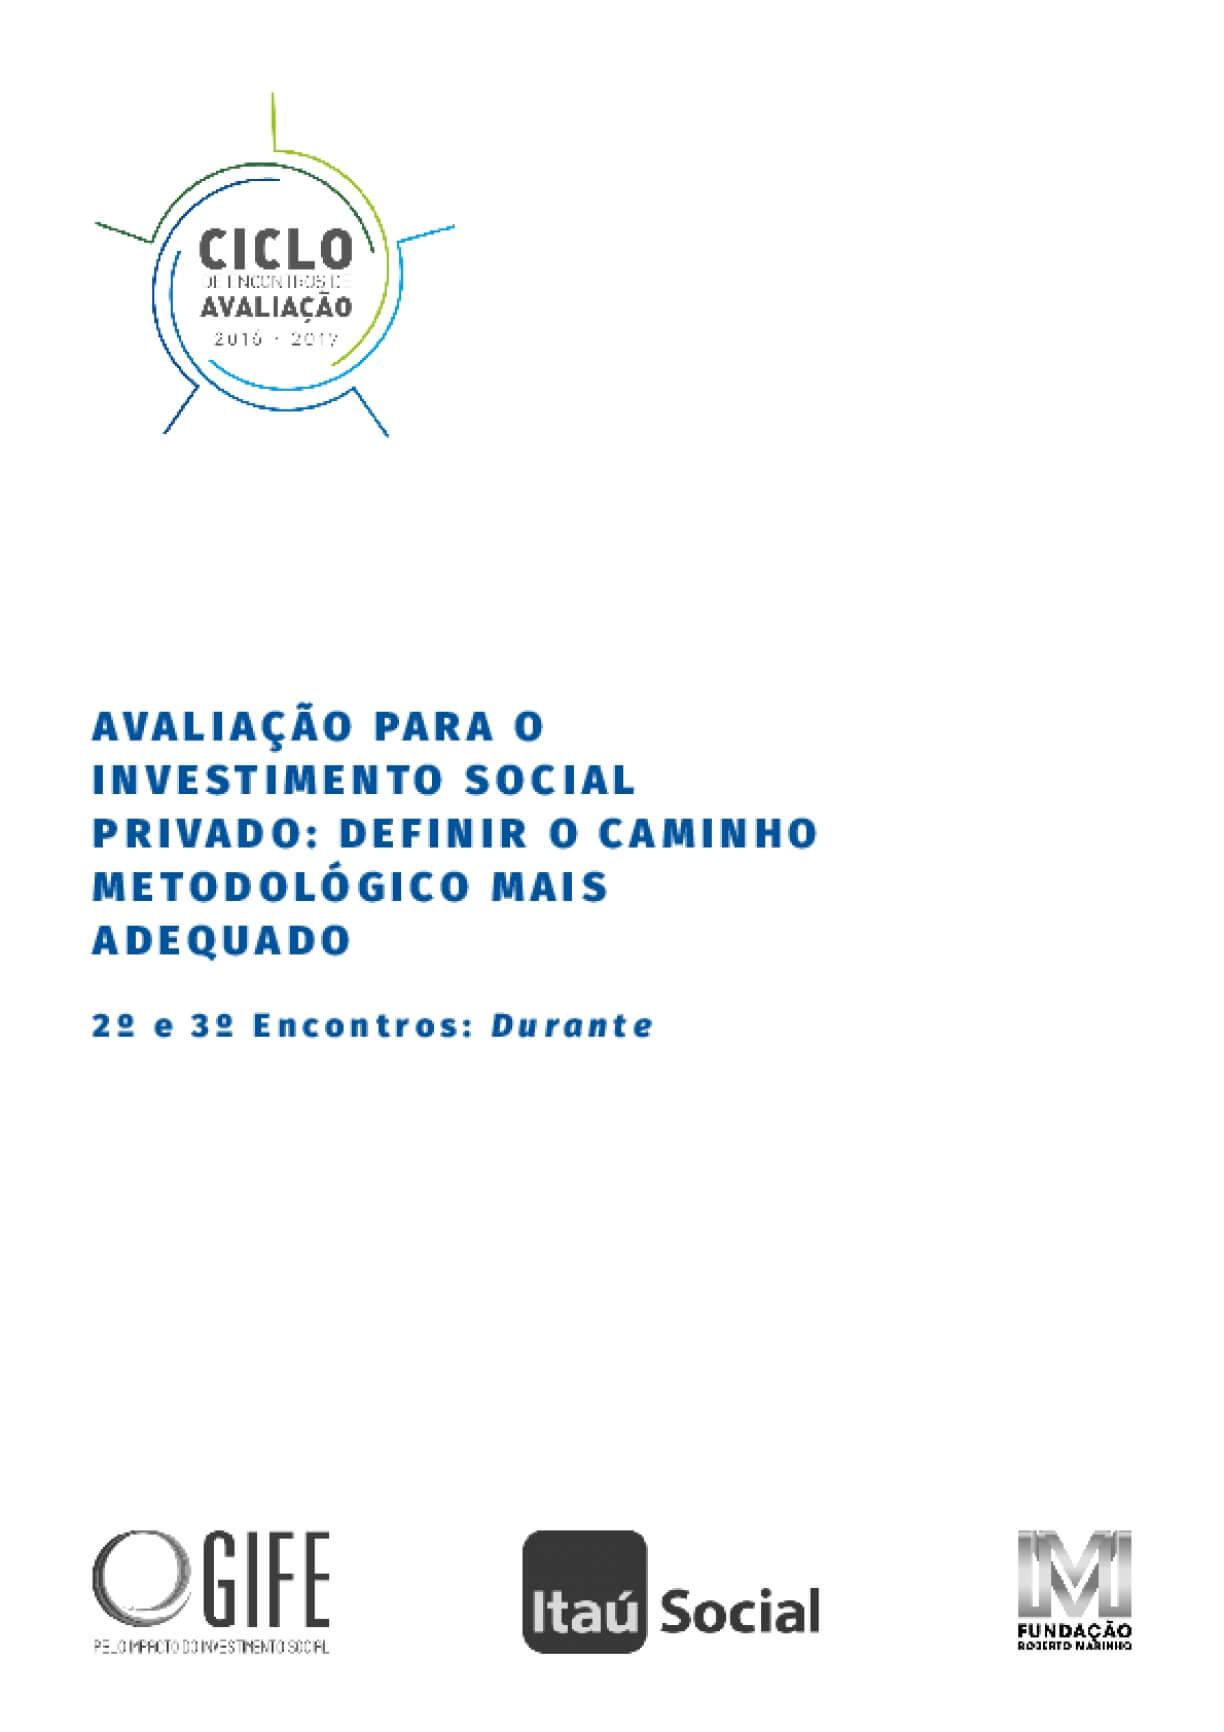 Avaliação para o investimento social privado: definir o caminho metodológico mais adequado - 2 º e 3 º encontros: durante